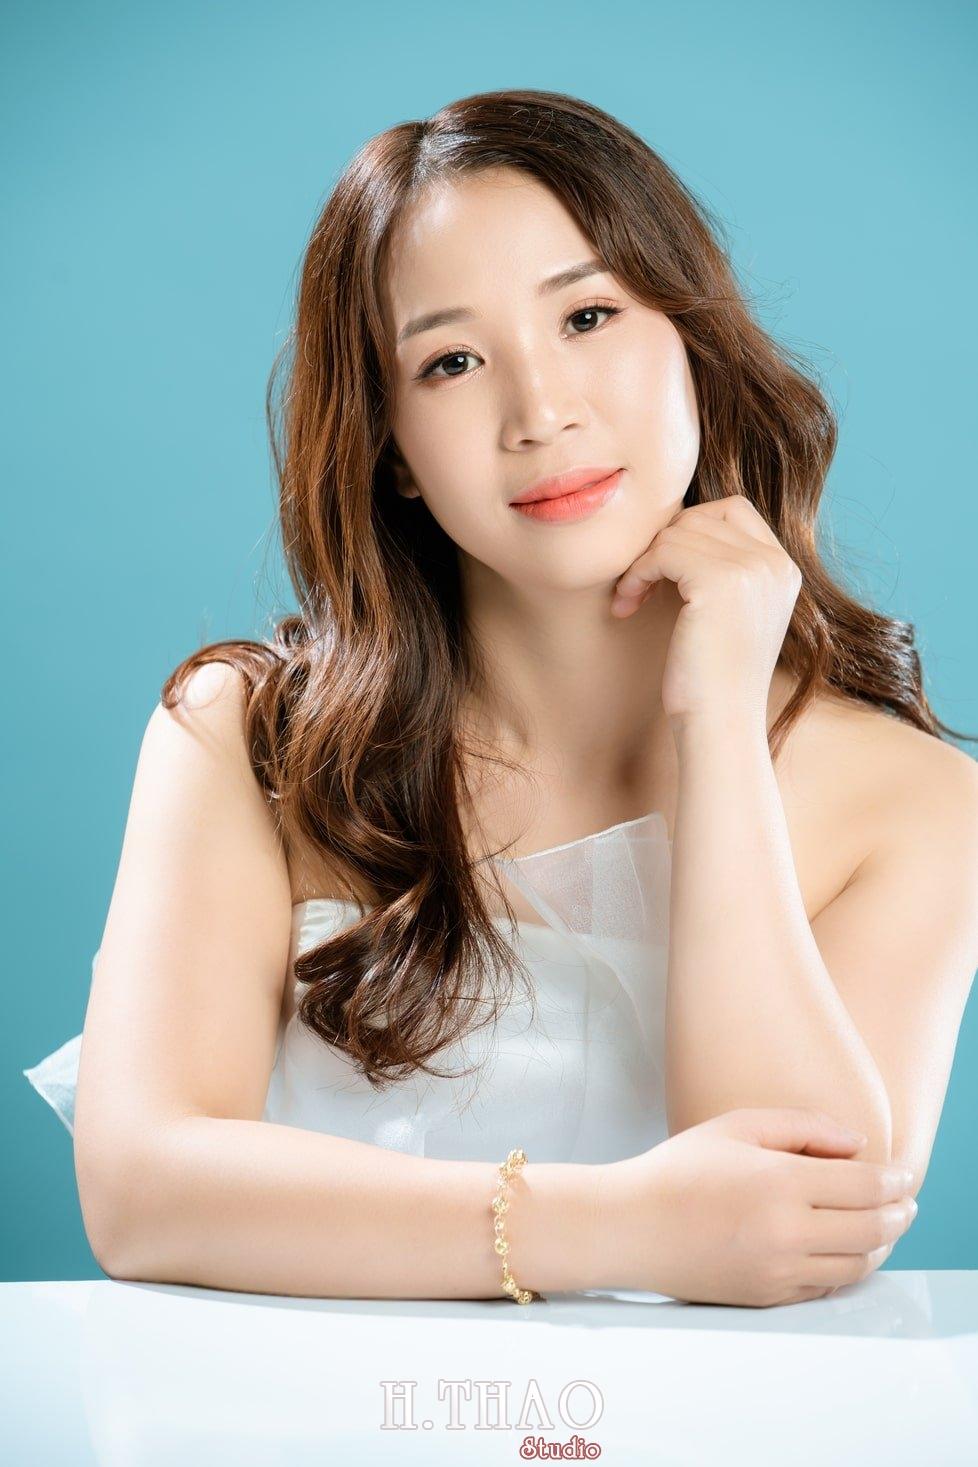 Anh Beauty 12 - Album ảnh beauty bé Sang đẹp nhẹ nhàng - HThao Studio